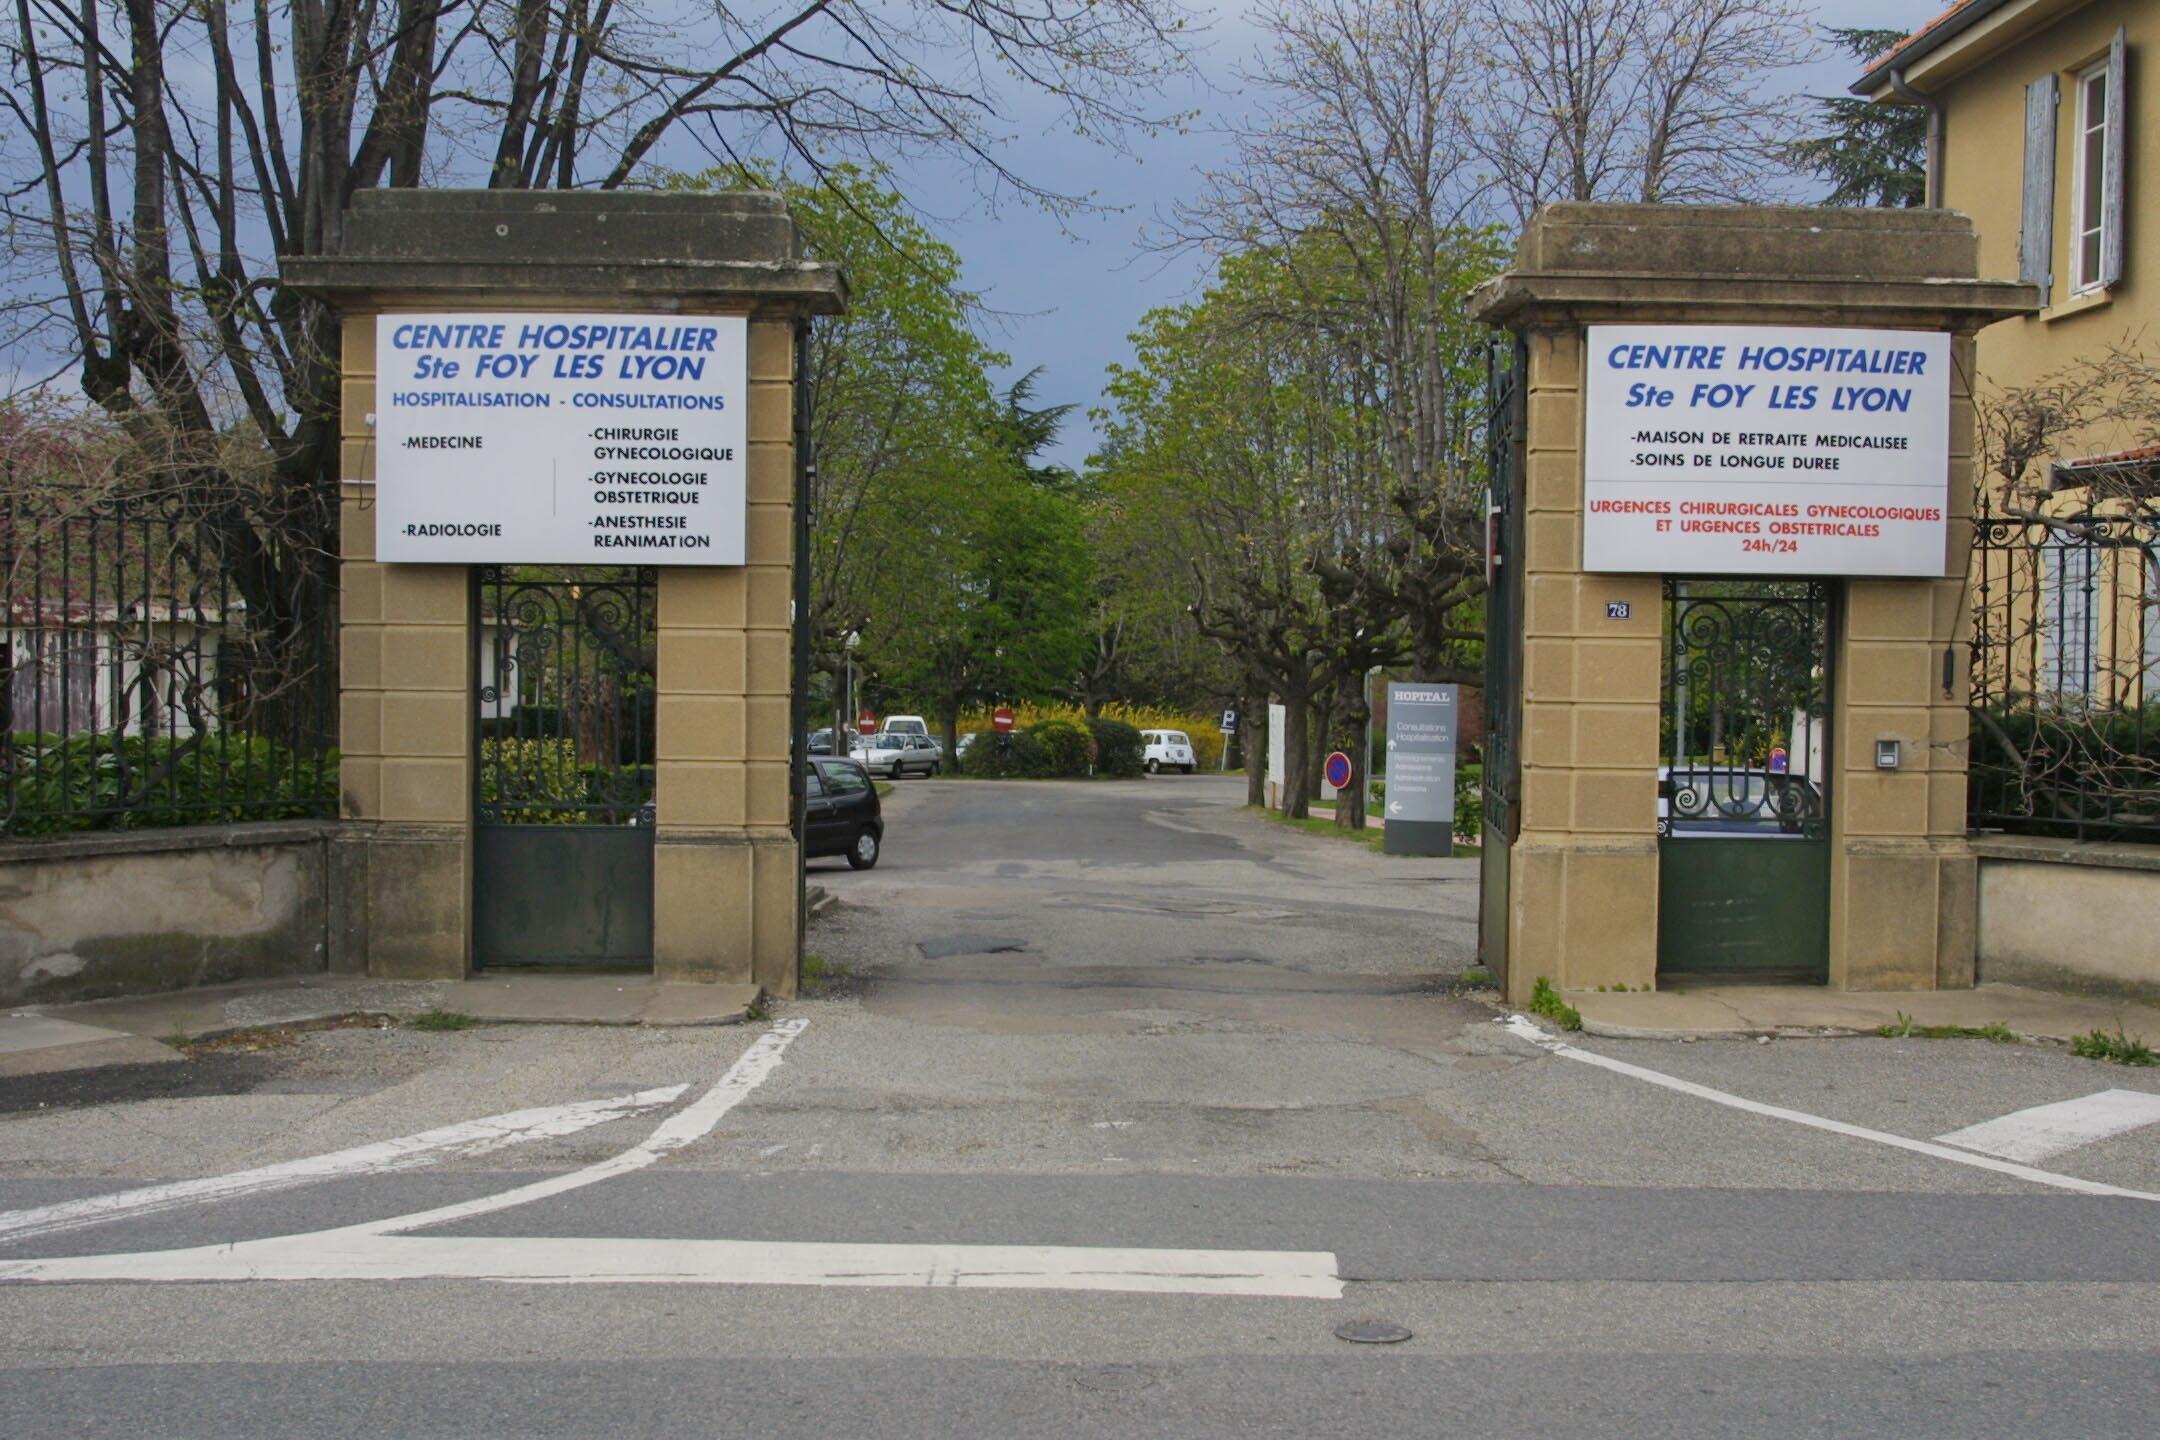 bordels en france Sainte-Foy-lès-Lyon